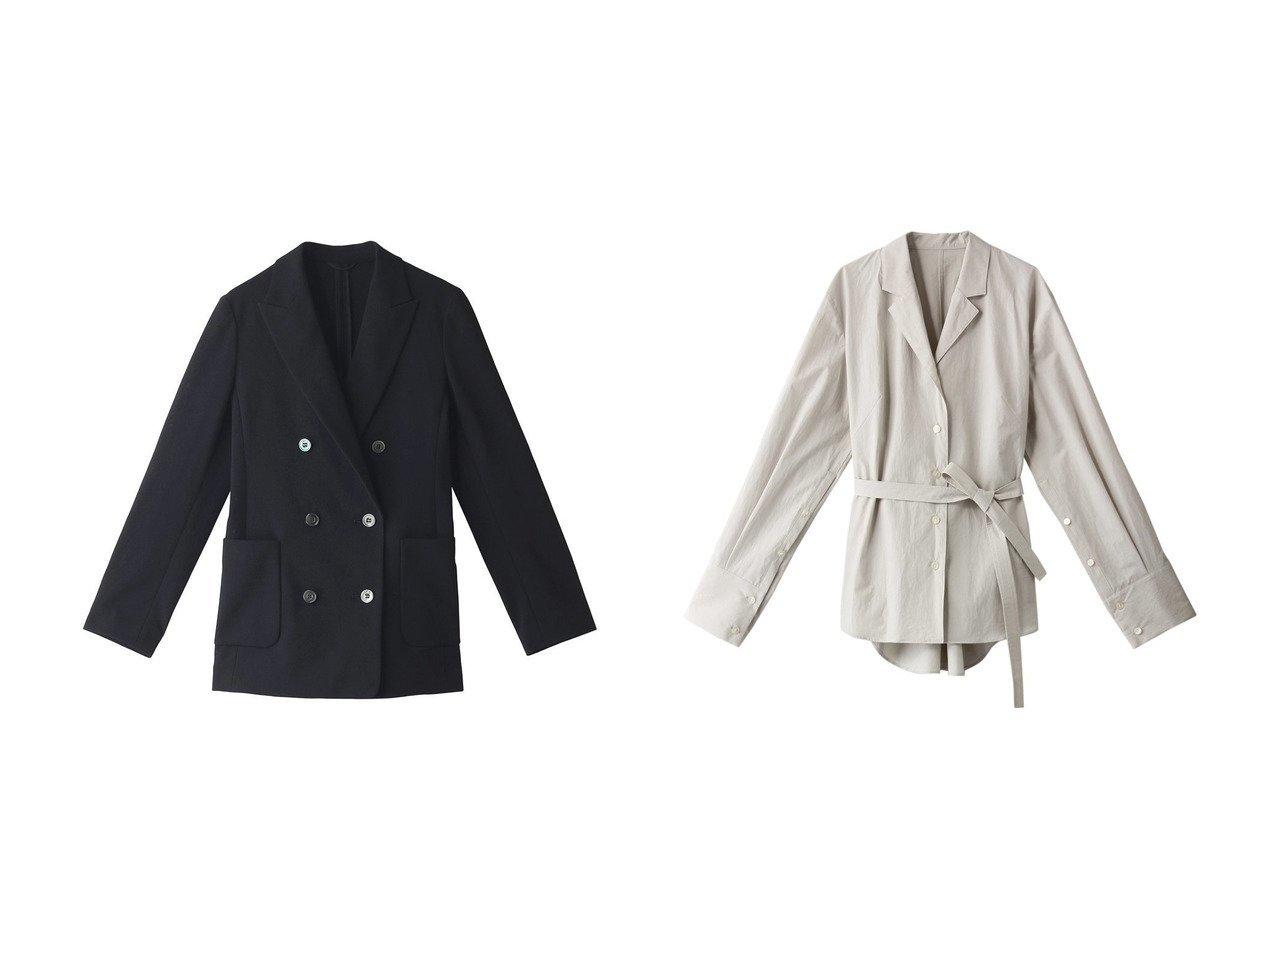 【ANAYI/アナイ】のカラミダブルボタンジャケット&【LE CIEL BLEU/ルシェル ブルー】のバックツイストテーラードジャケット 【アウター】おすすめ!人気、トレンド・レディースファッションの通販 おすすめで人気の流行・トレンド、ファッションの通販商品 インテリア・家具・メンズファッション・キッズファッション・レディースファッション・服の通販 founy(ファニー) https://founy.com/ ファッション Fashion レディースファッション WOMEN アウター Coat Outerwear ジャケット Jackets テーラードジャケット Tailored Jackets オケージョン ジャケット S/S・春夏 SS・Spring/Summer シンプル ツイスト ボトム 春 Spring  ID:crp329100000043350